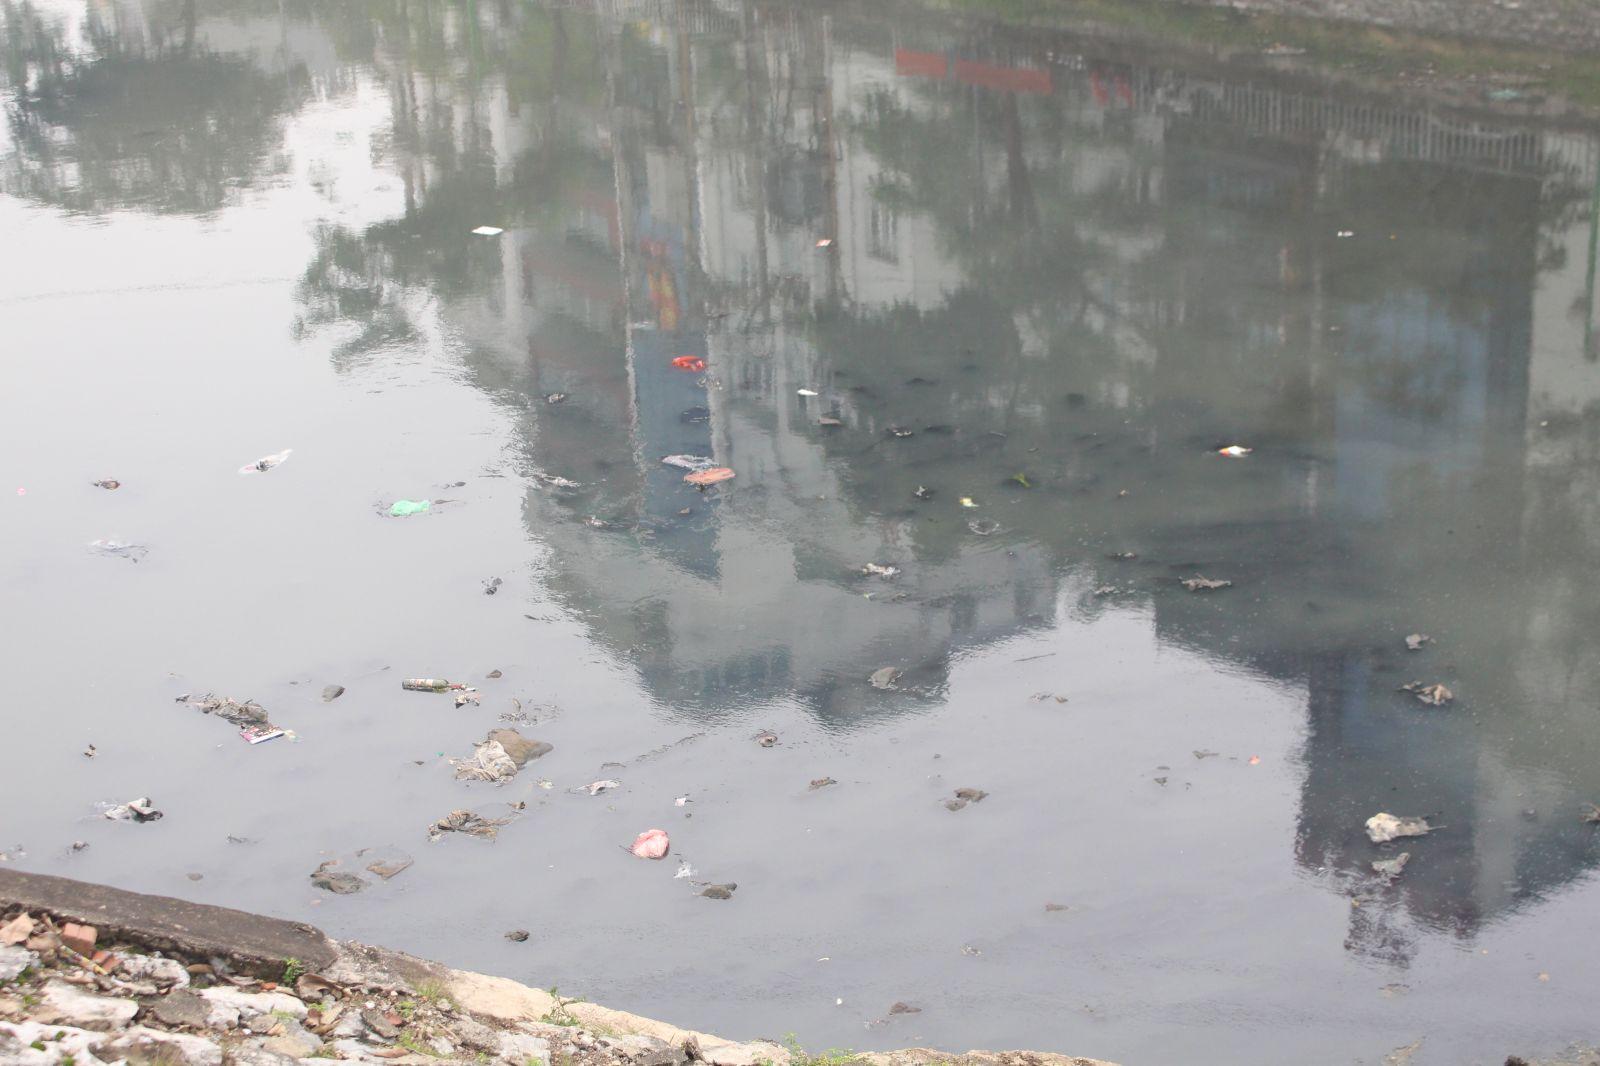 Sông Tô Lịch vẫn phải hứng chịu các rác thải như vỏ chai, túi nilon… điều này khiến sông bị ô nhiễm và bốc mùi khó chịu.